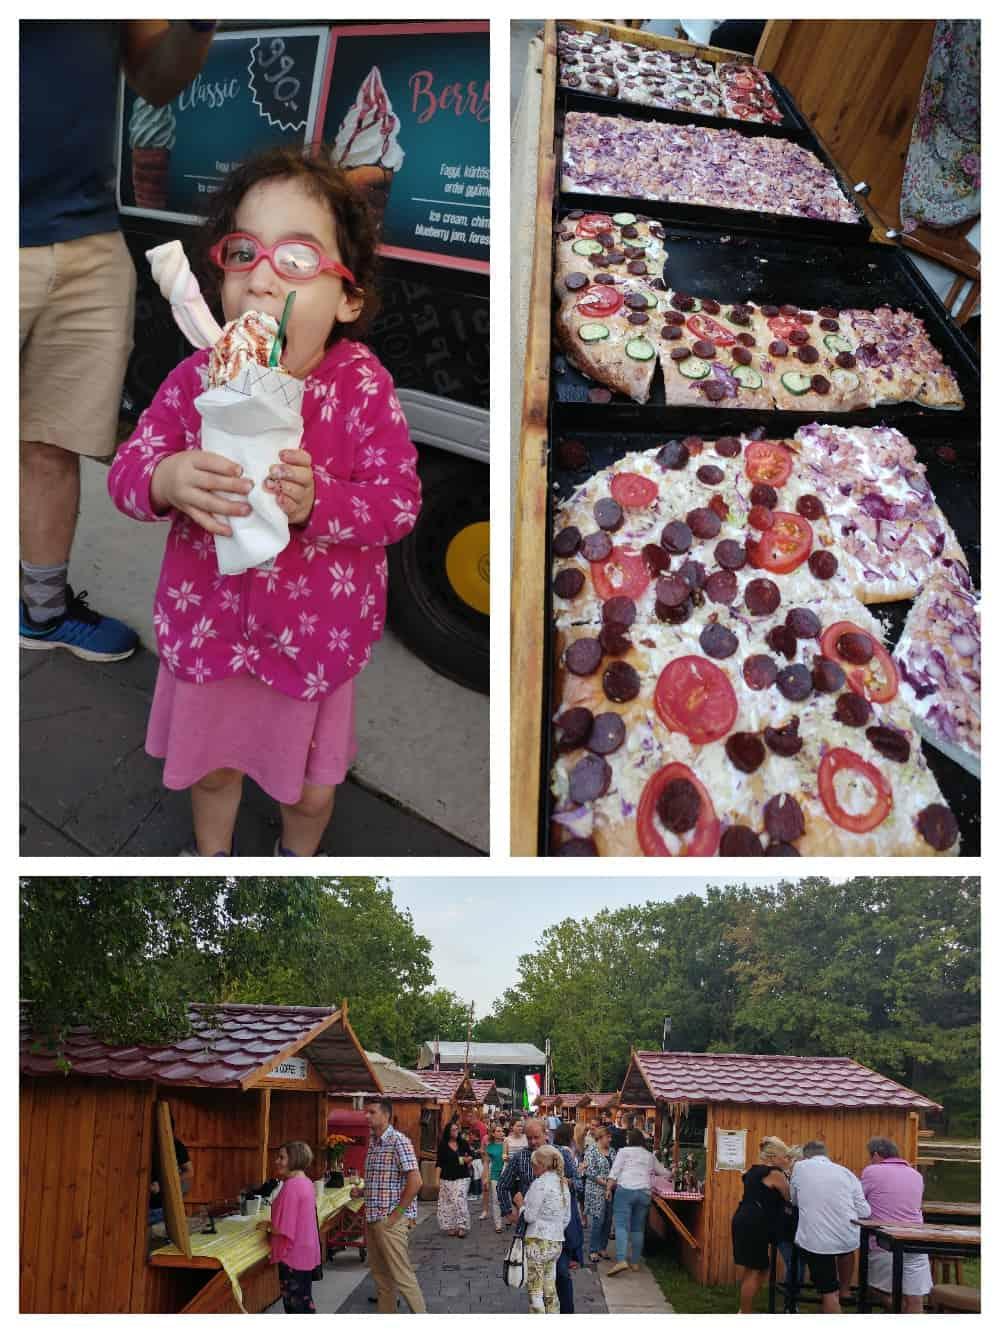 דברצן עם ילדים - פסטיבל האוכל הגורמה